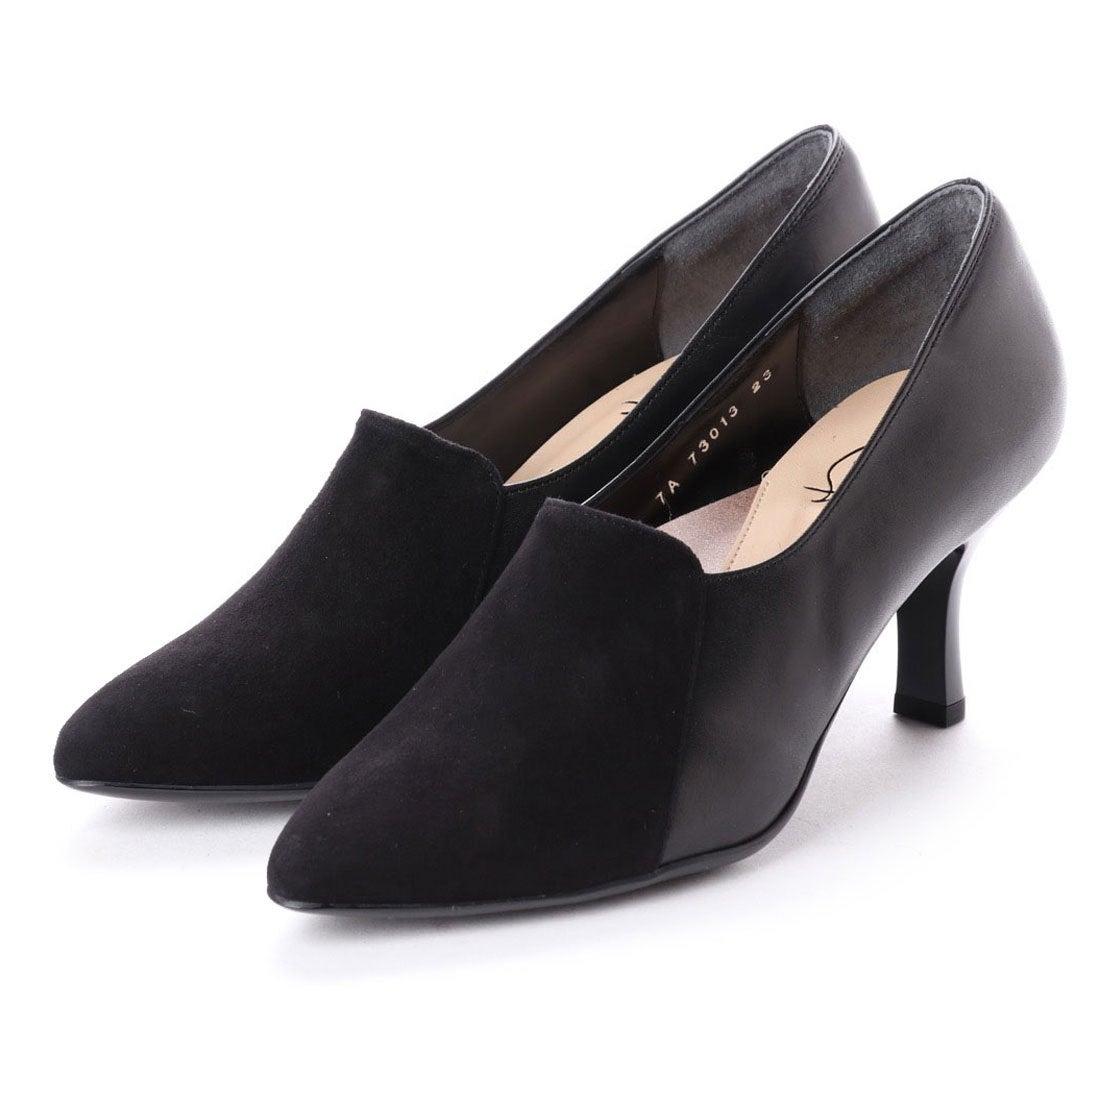 ロコンド 靴とファッションの通販サイトスタイルラボ STYLE lab スタイルラボ パンプス (ブラックコンビ)